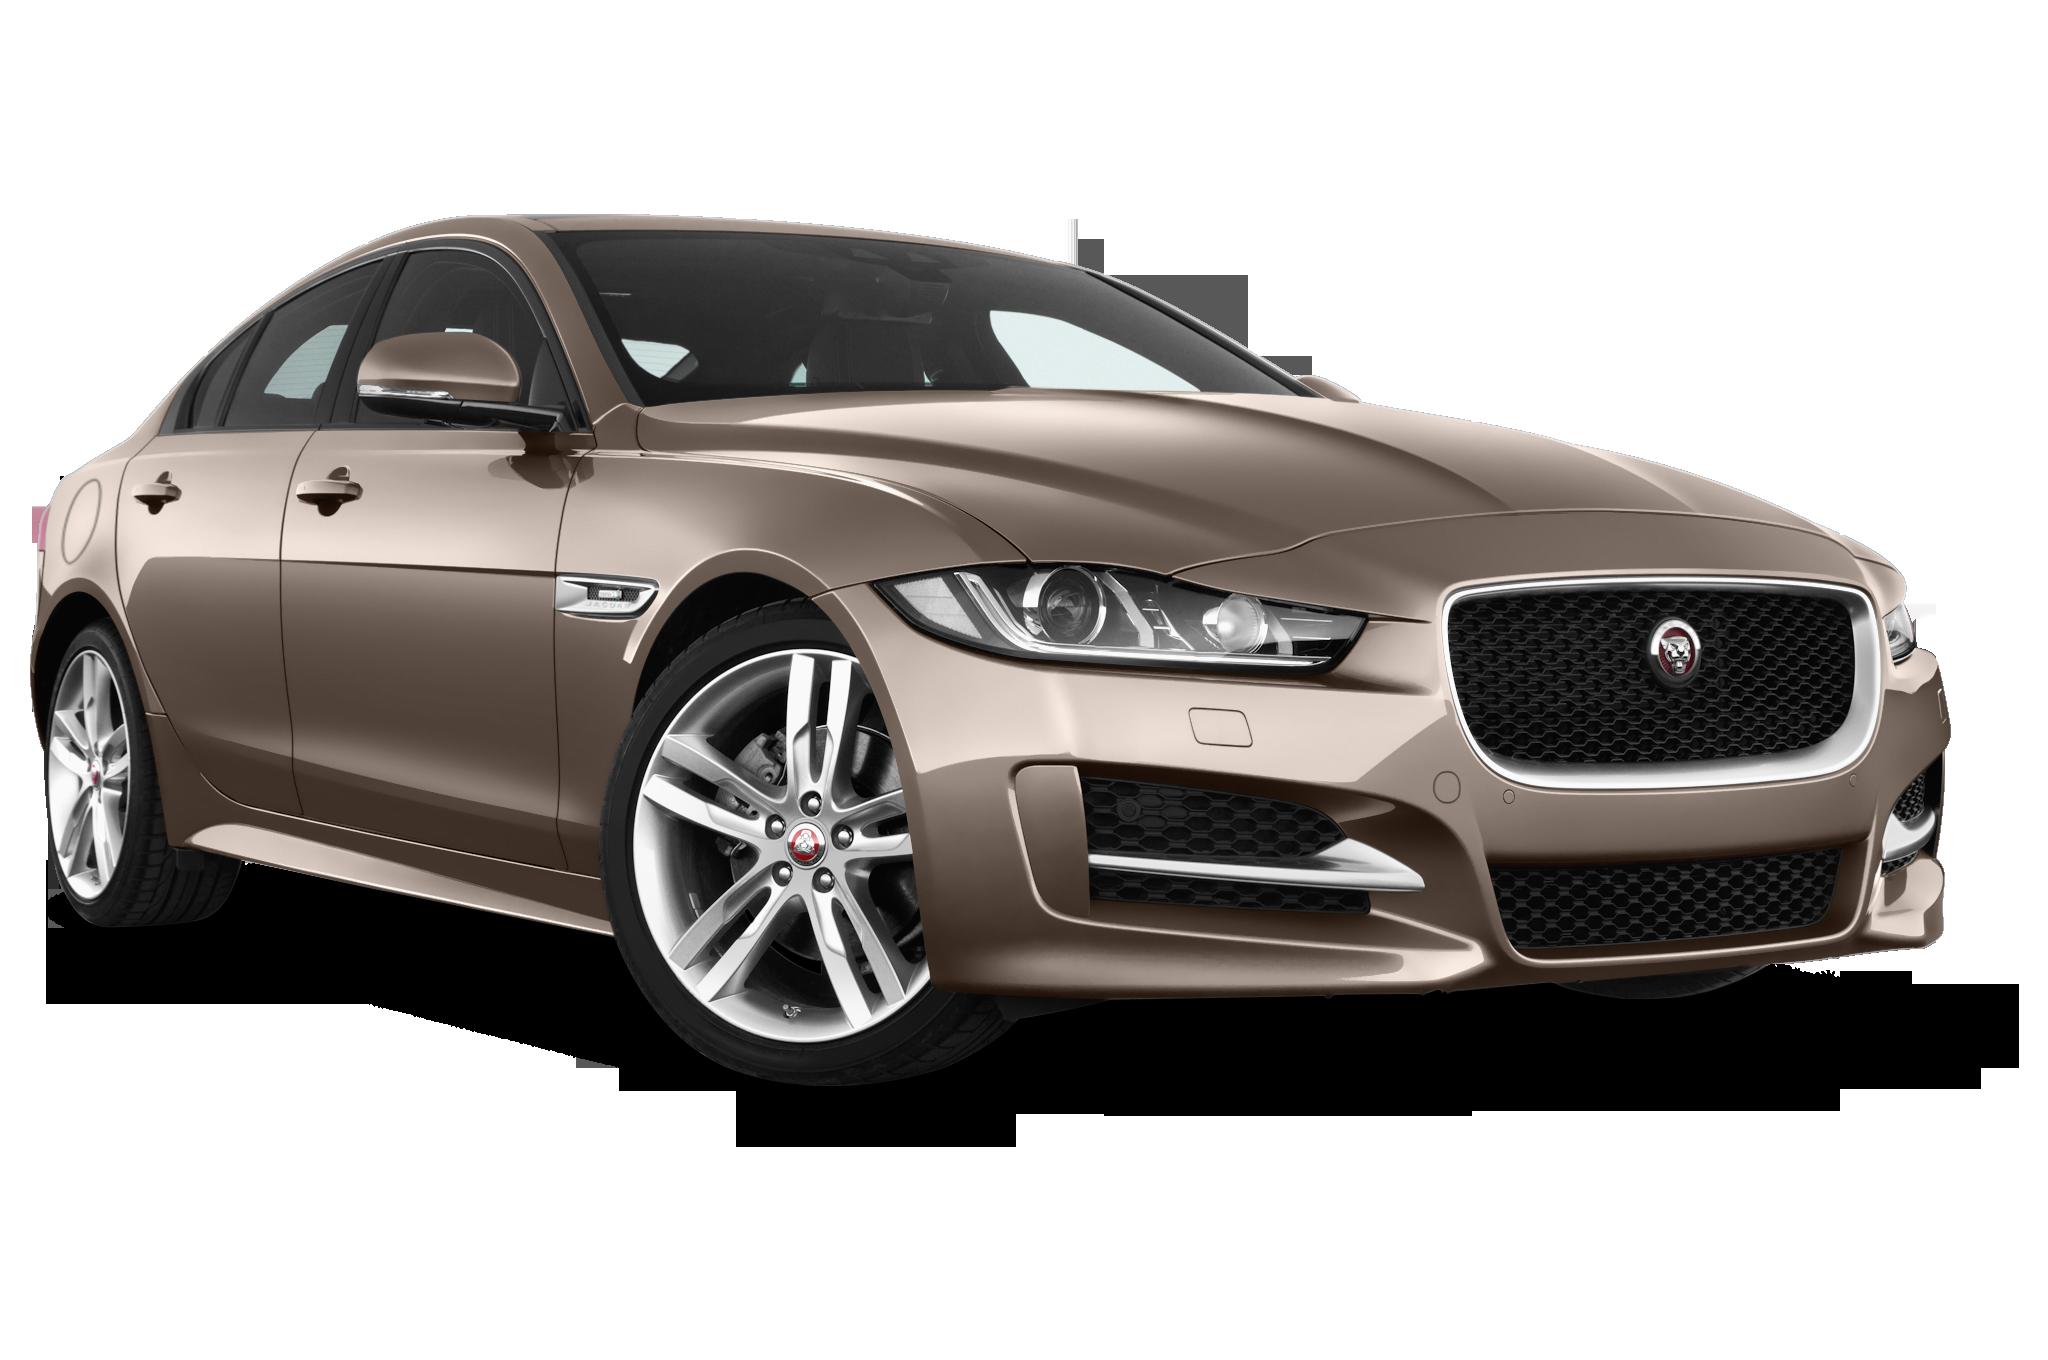 Smart Car Lease >> Jaguar XE | Vehicle Review | Arval UK Ltd